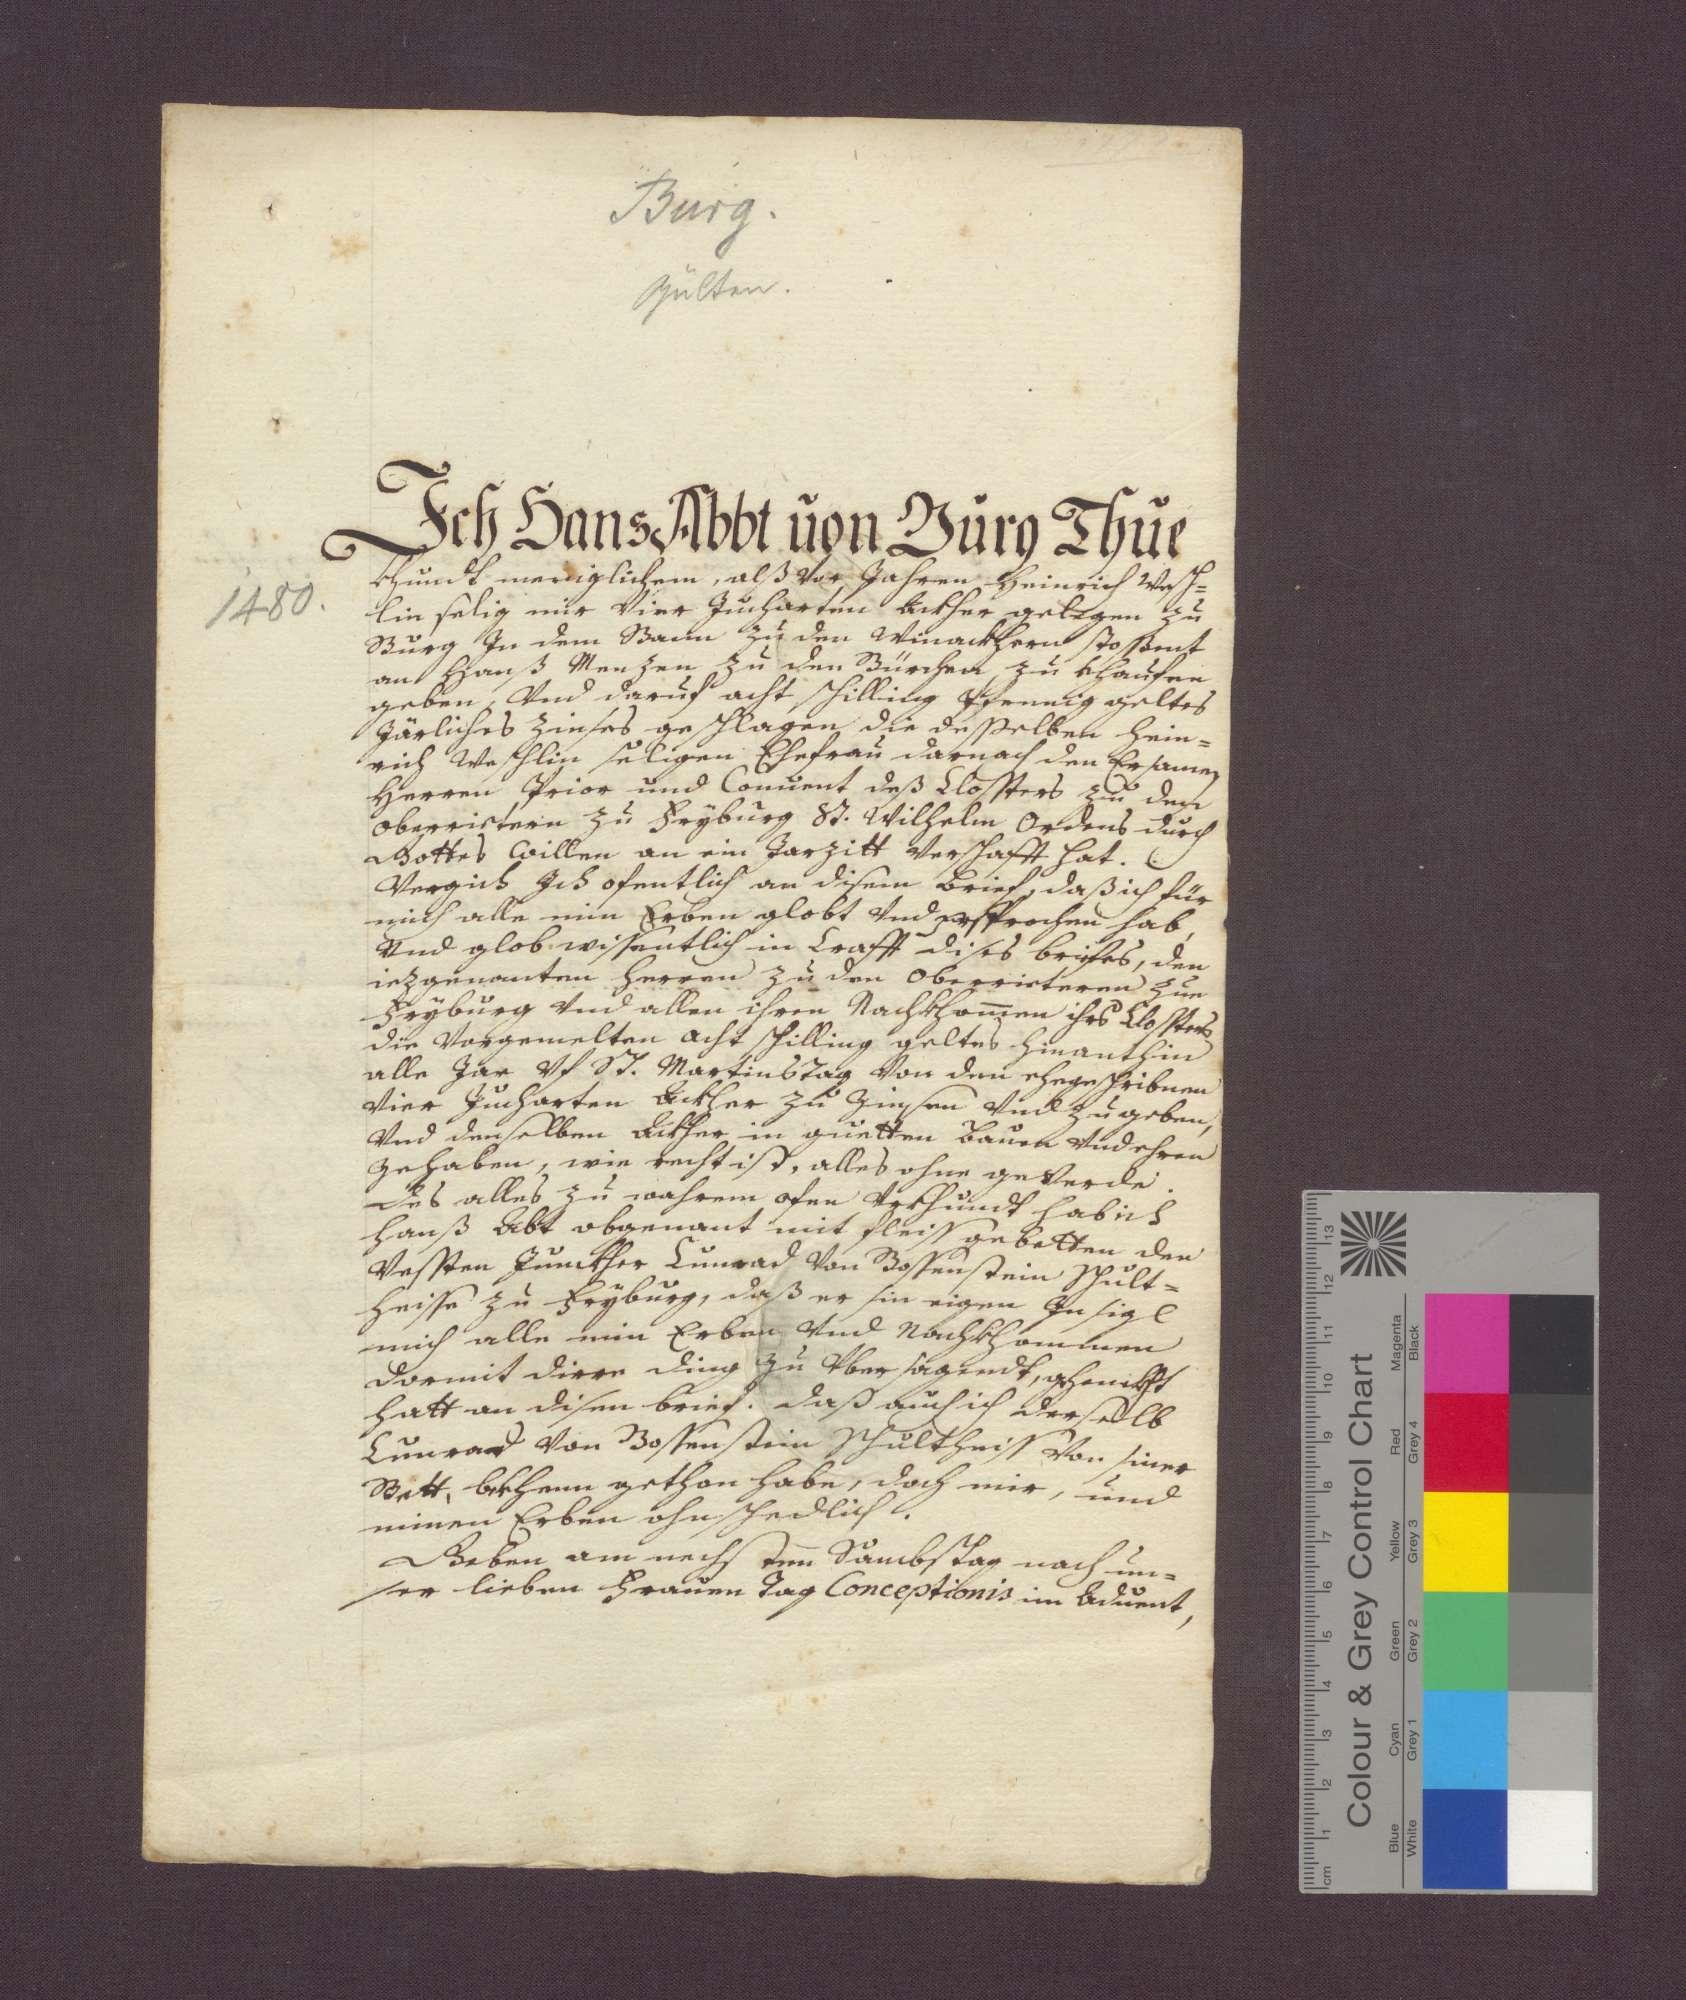 Hans Abt von Burg verspricht die Gült von 8 Schilling Pfennigen, ruhend auf 4 Juchert Äckern zu Burg, die er dem Heinrich Weschlin schuldig war und die dessen Frau nach dessen Tod dem Kloster Oberried zu Freiburg zu einer Jahrzeit übertragen hat, künftig dem genannten Kloster zu zahlen., Bild 1